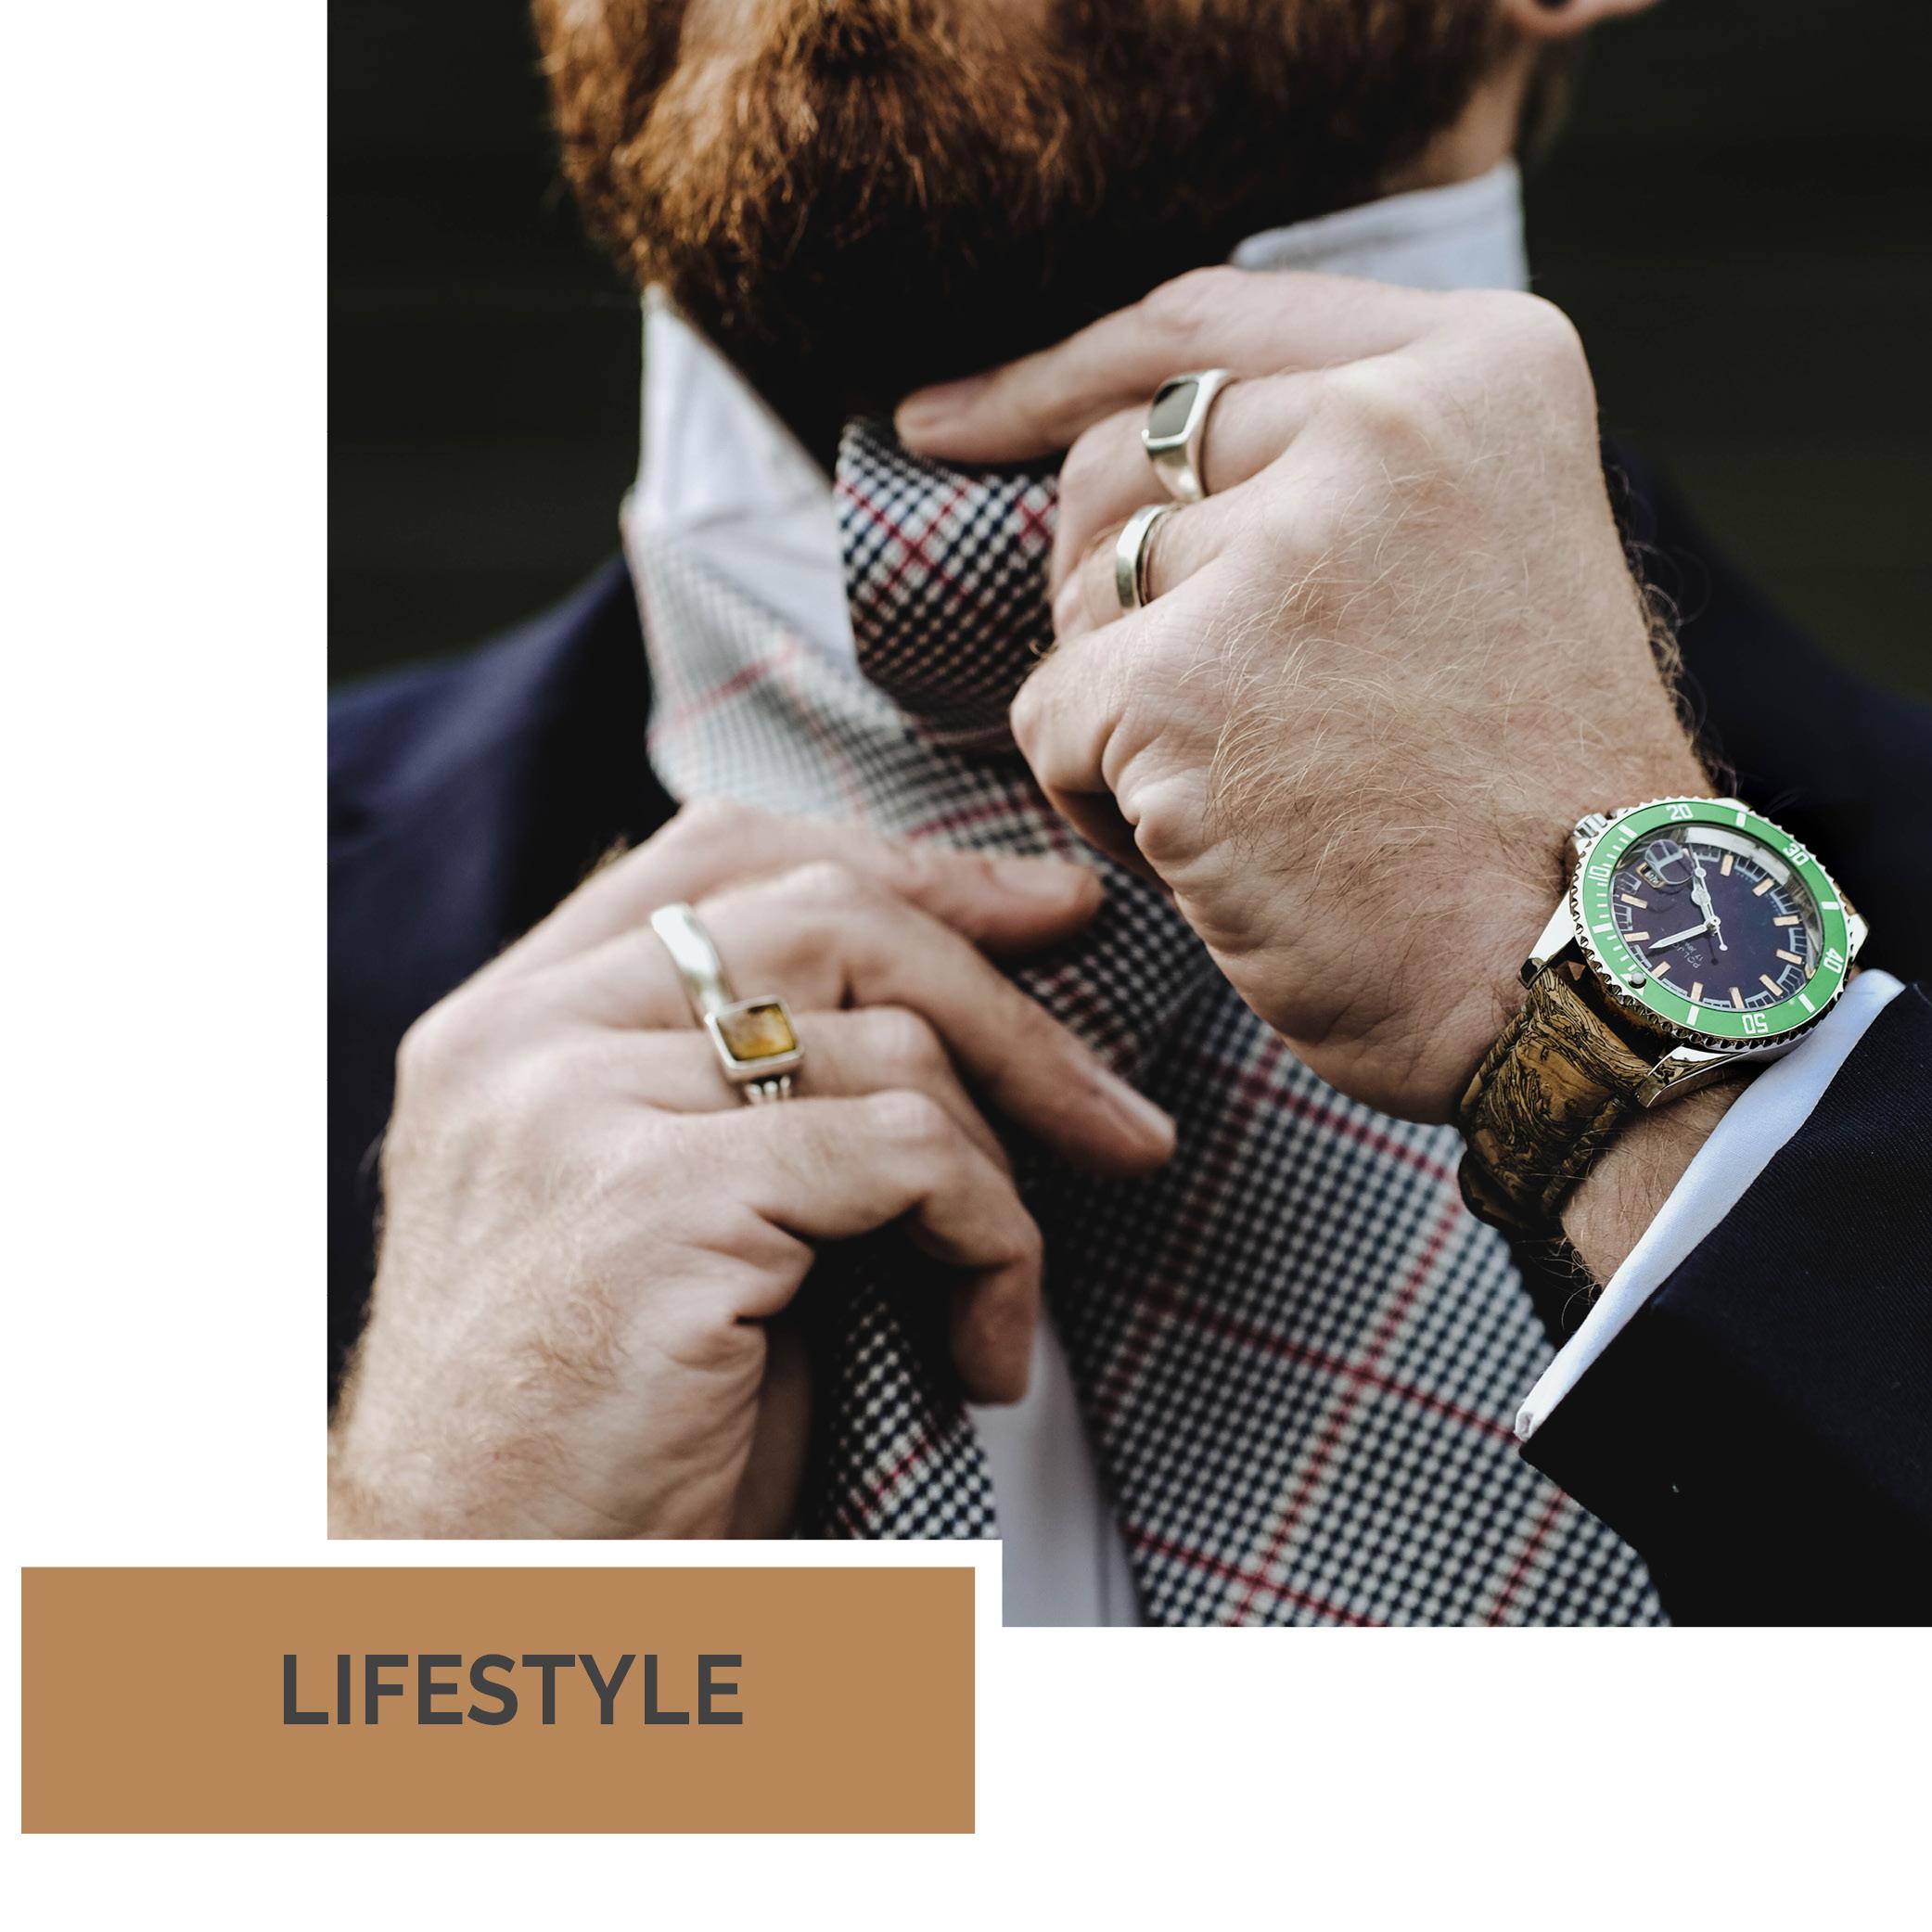 Lifestyle-02.jpg